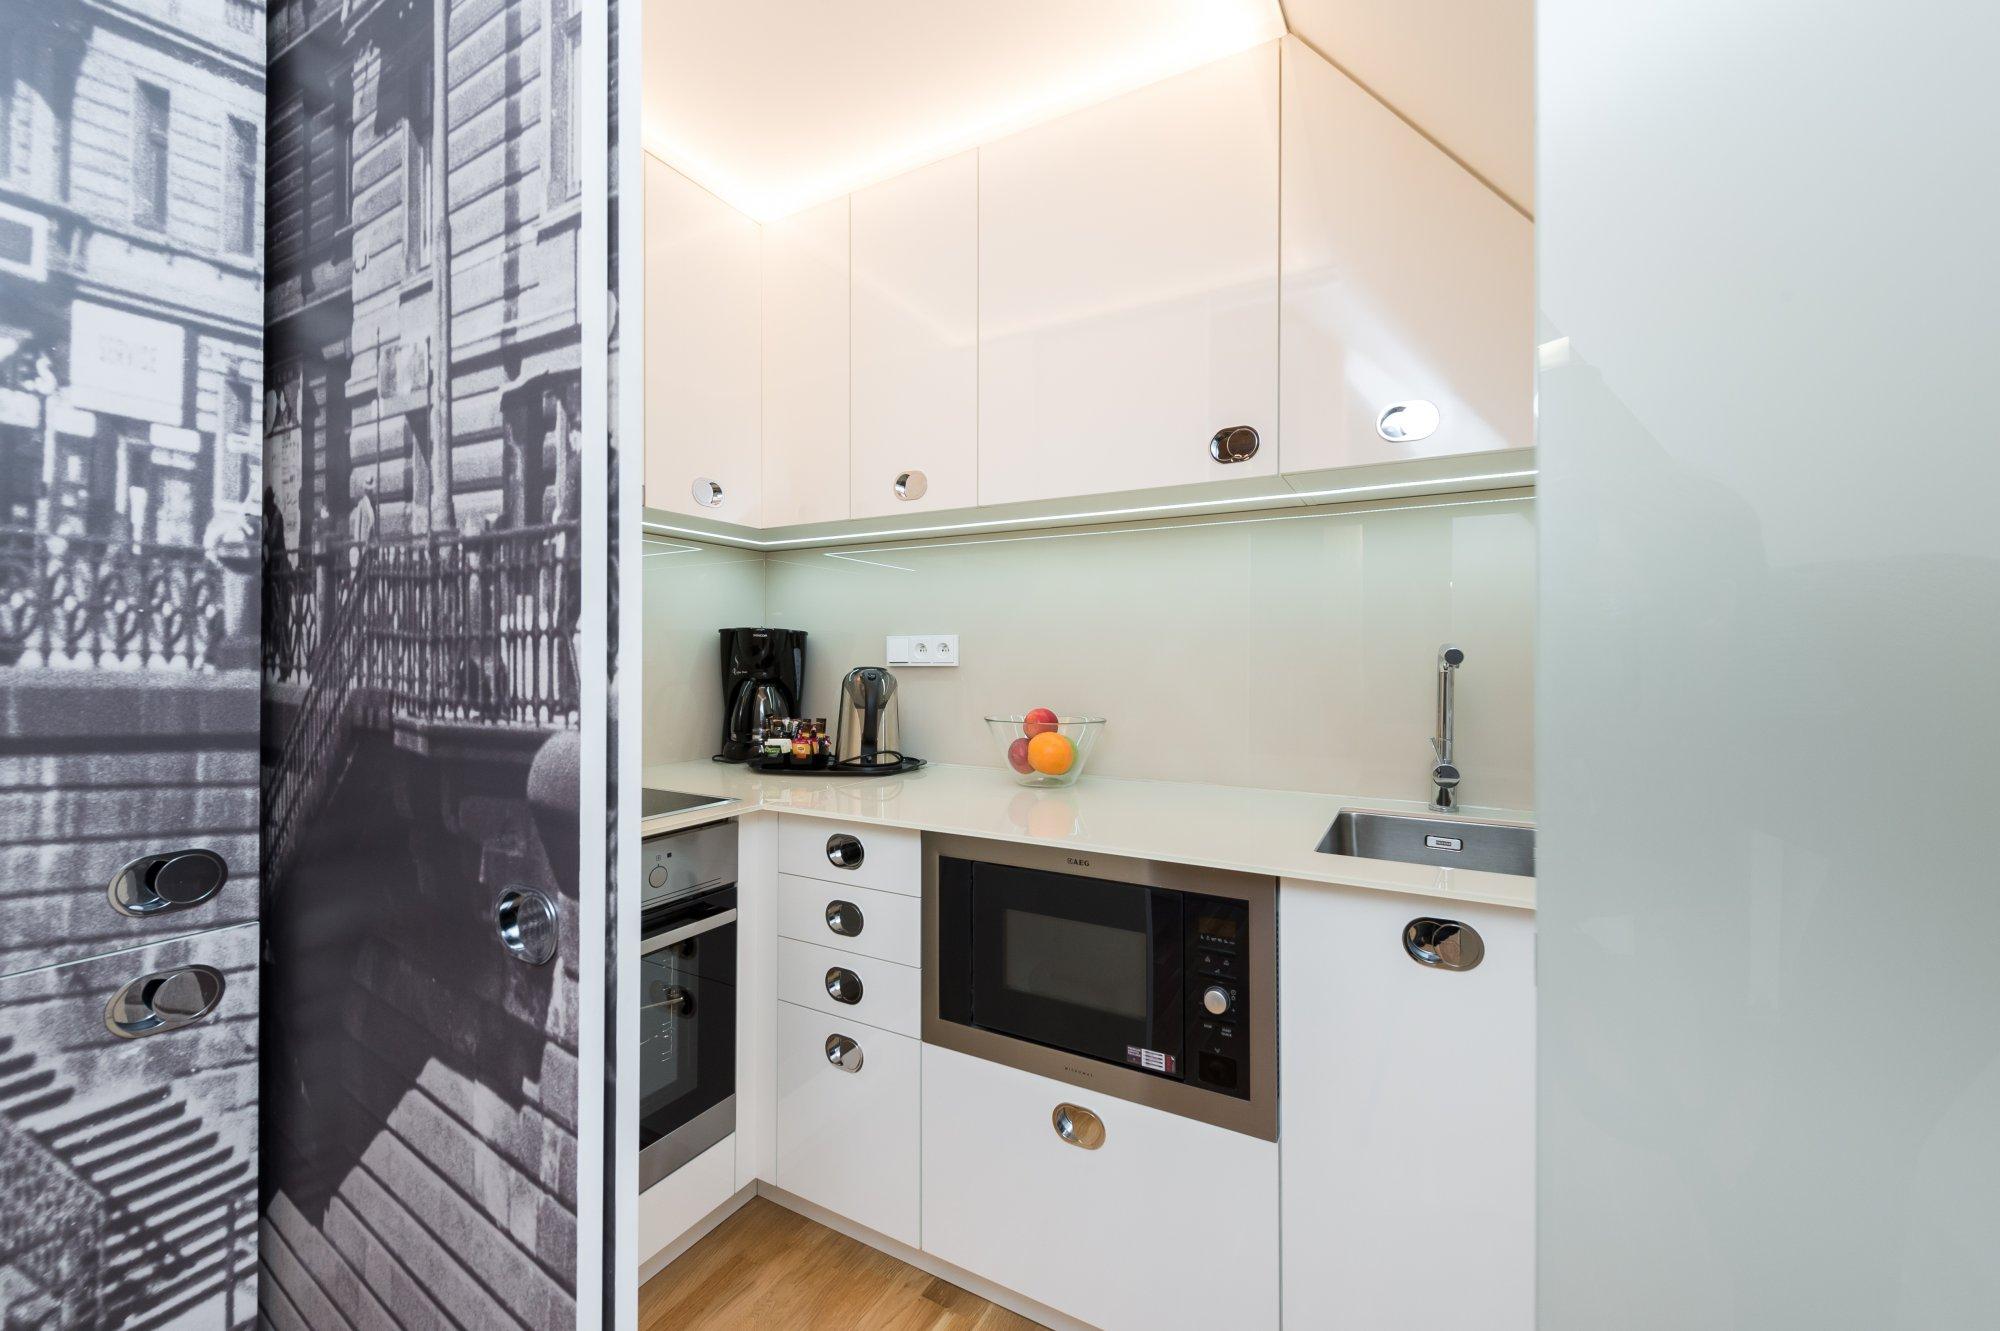 Půdní byt 3+kk, plocha 127 m², ulice Myslíkova, Praha 1 - Nové Město | 3